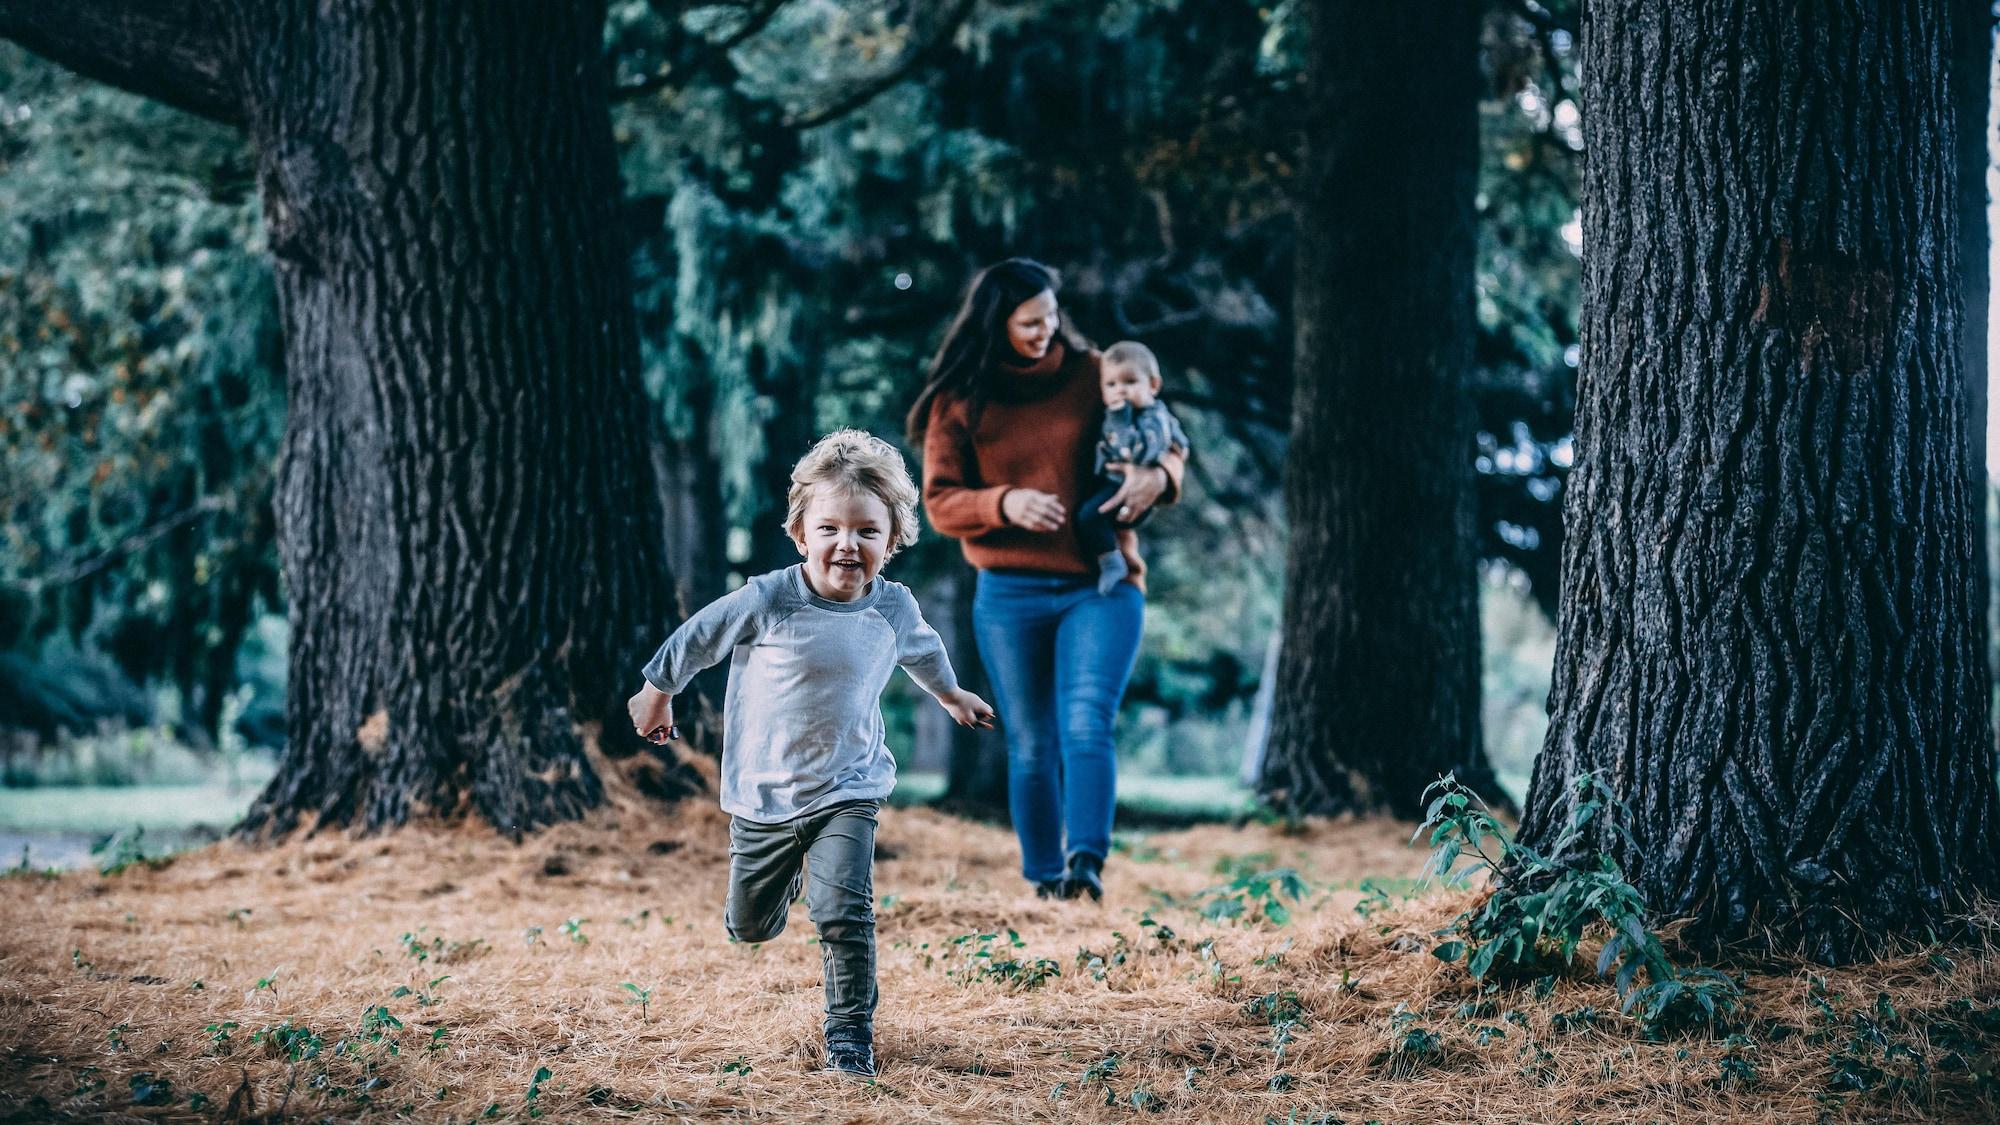 Elle marche dans la forêt en tenant son fils Cohan dans ses bras, tandis que son autre fils Quinn court en avant-plan.